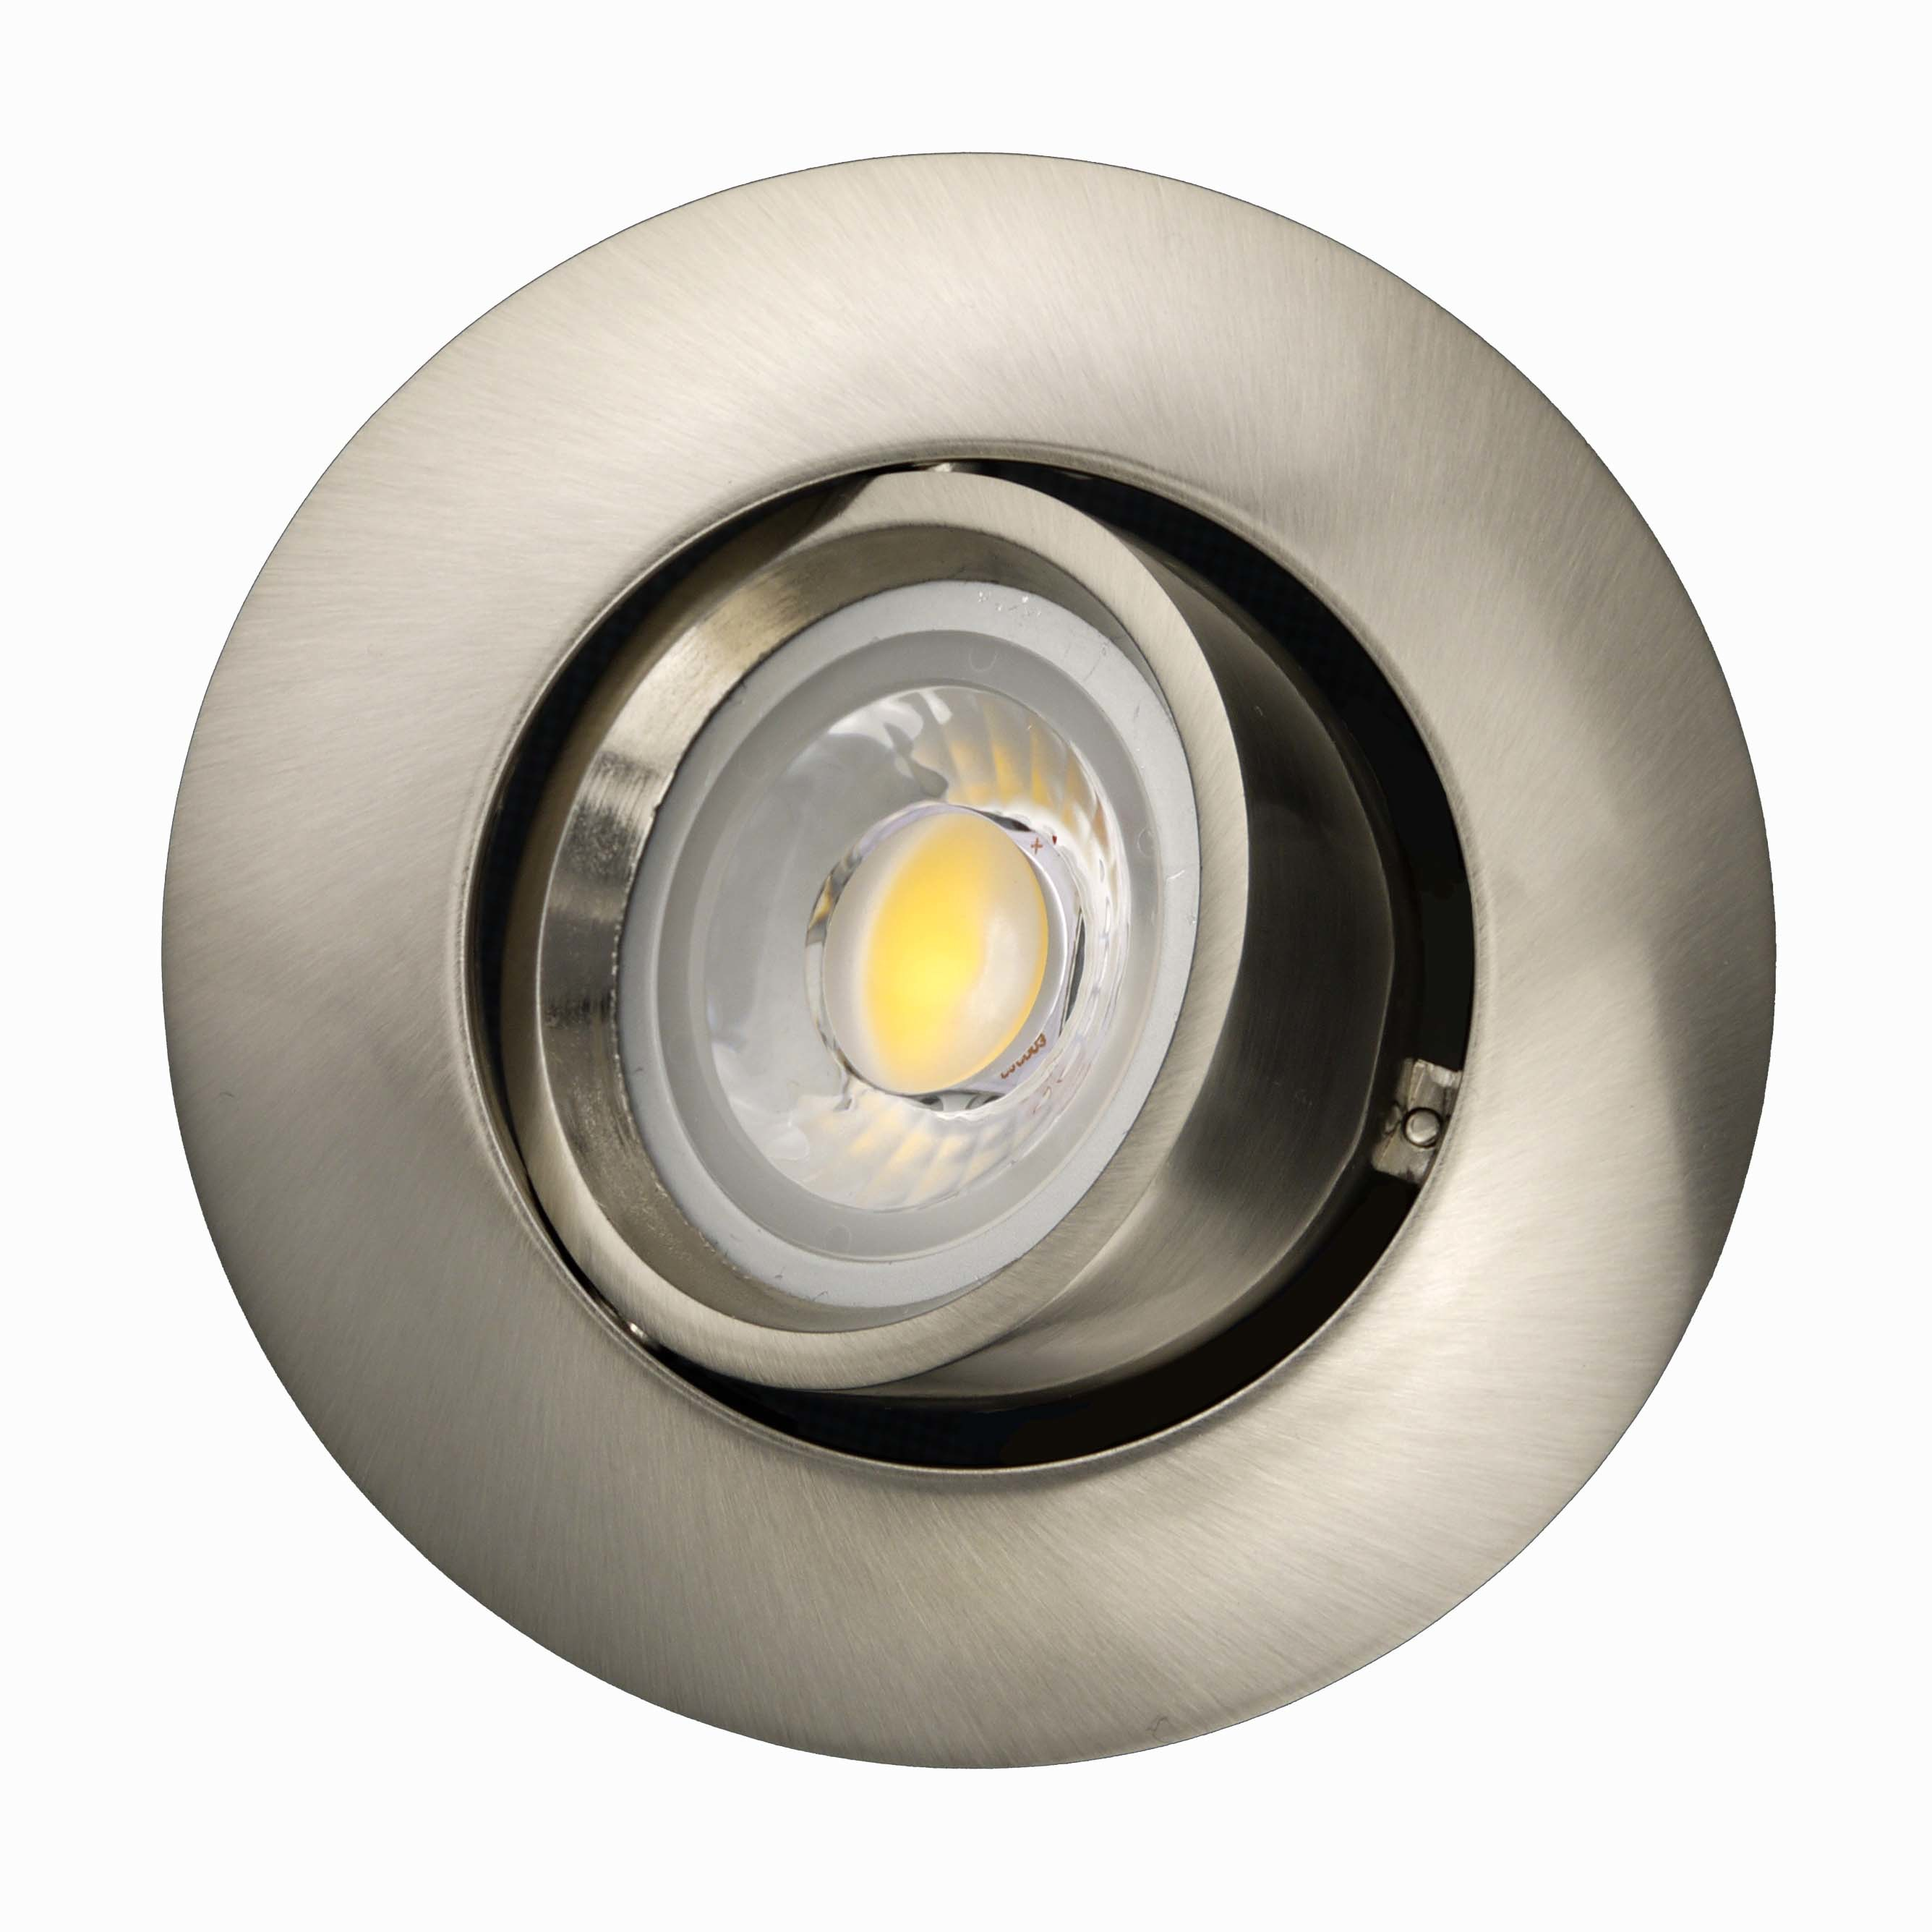 Die Casting Aluminum GU10 MR16 Round Tilt Recessed LED Downlight (LT1204)